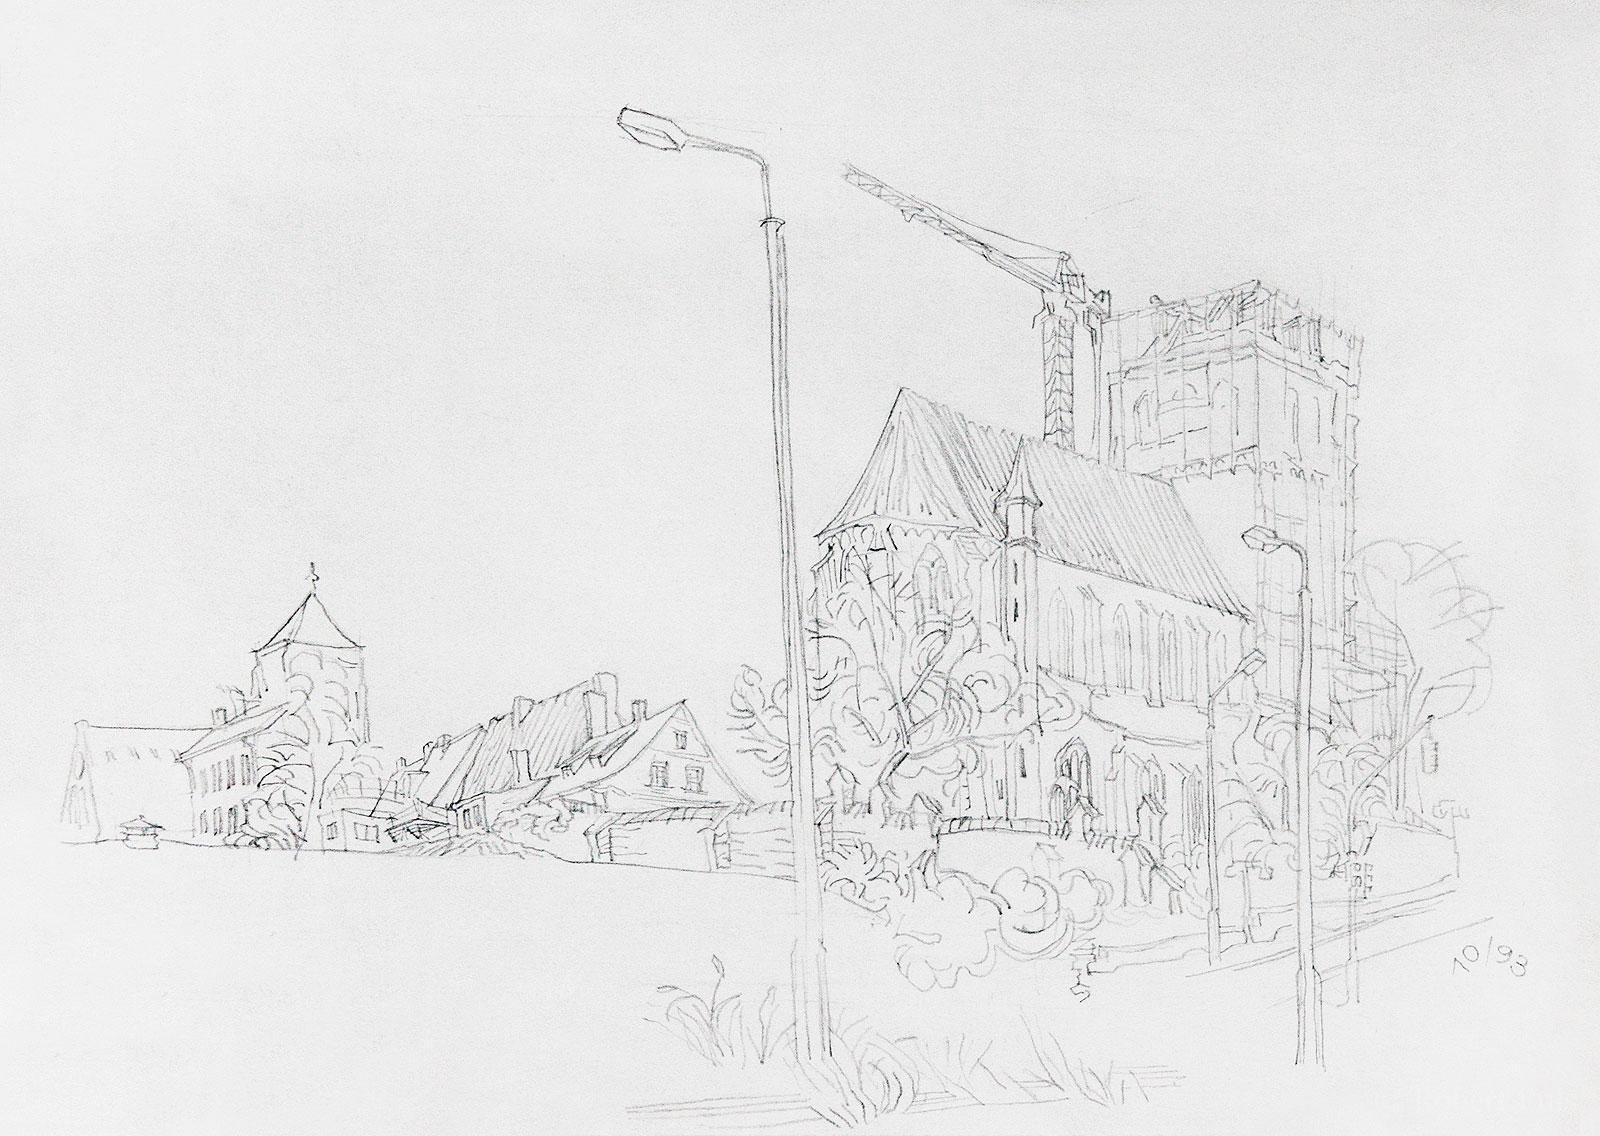 Petrikirche Bau Turmspitze Zeichnung